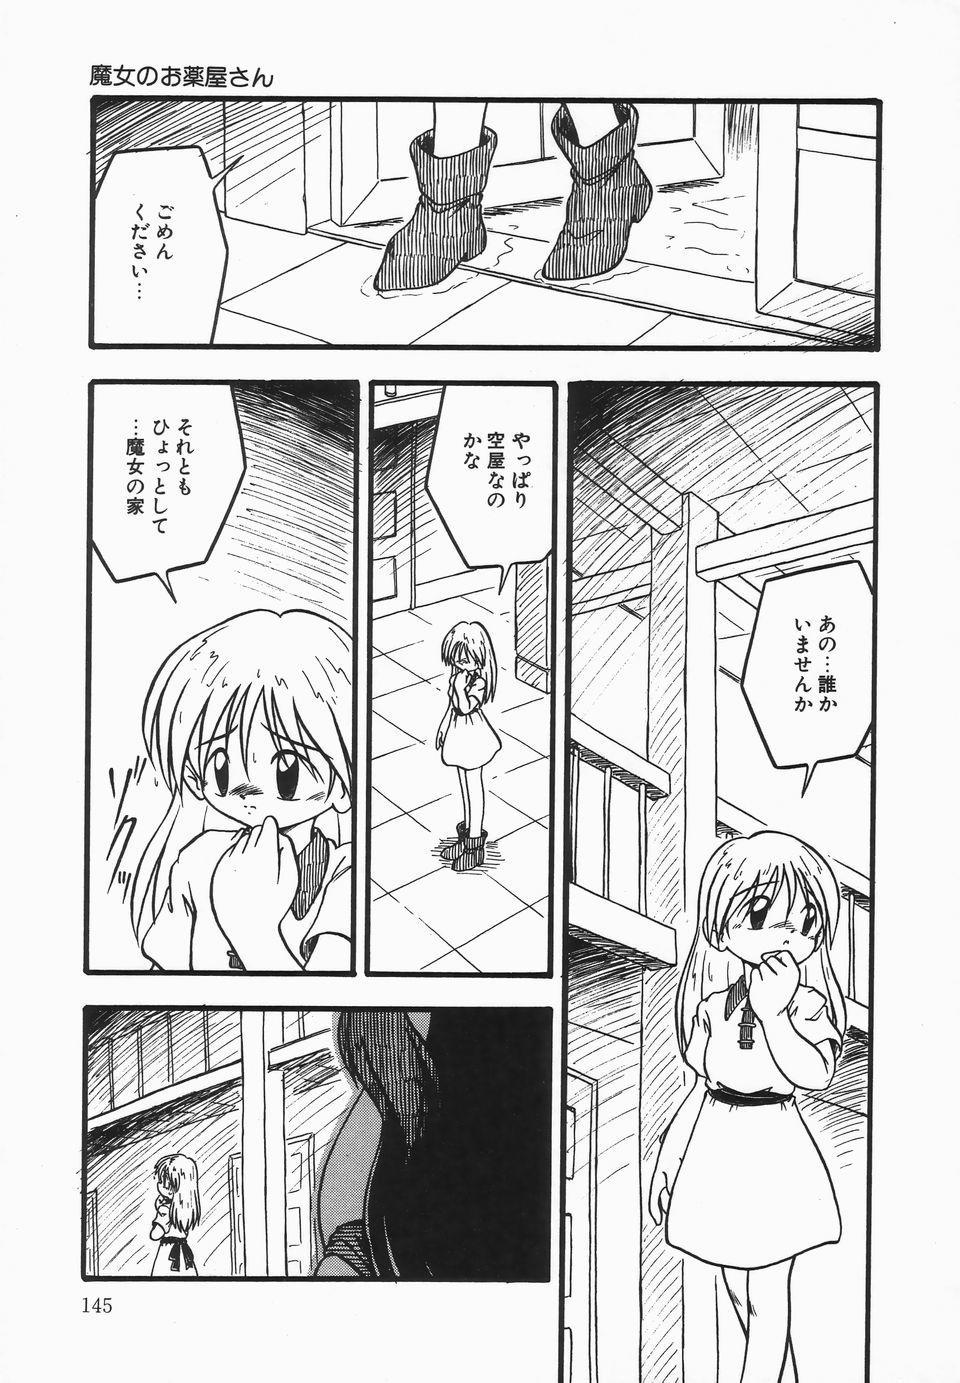 Kanchou Shoujo - Enema Girl 148